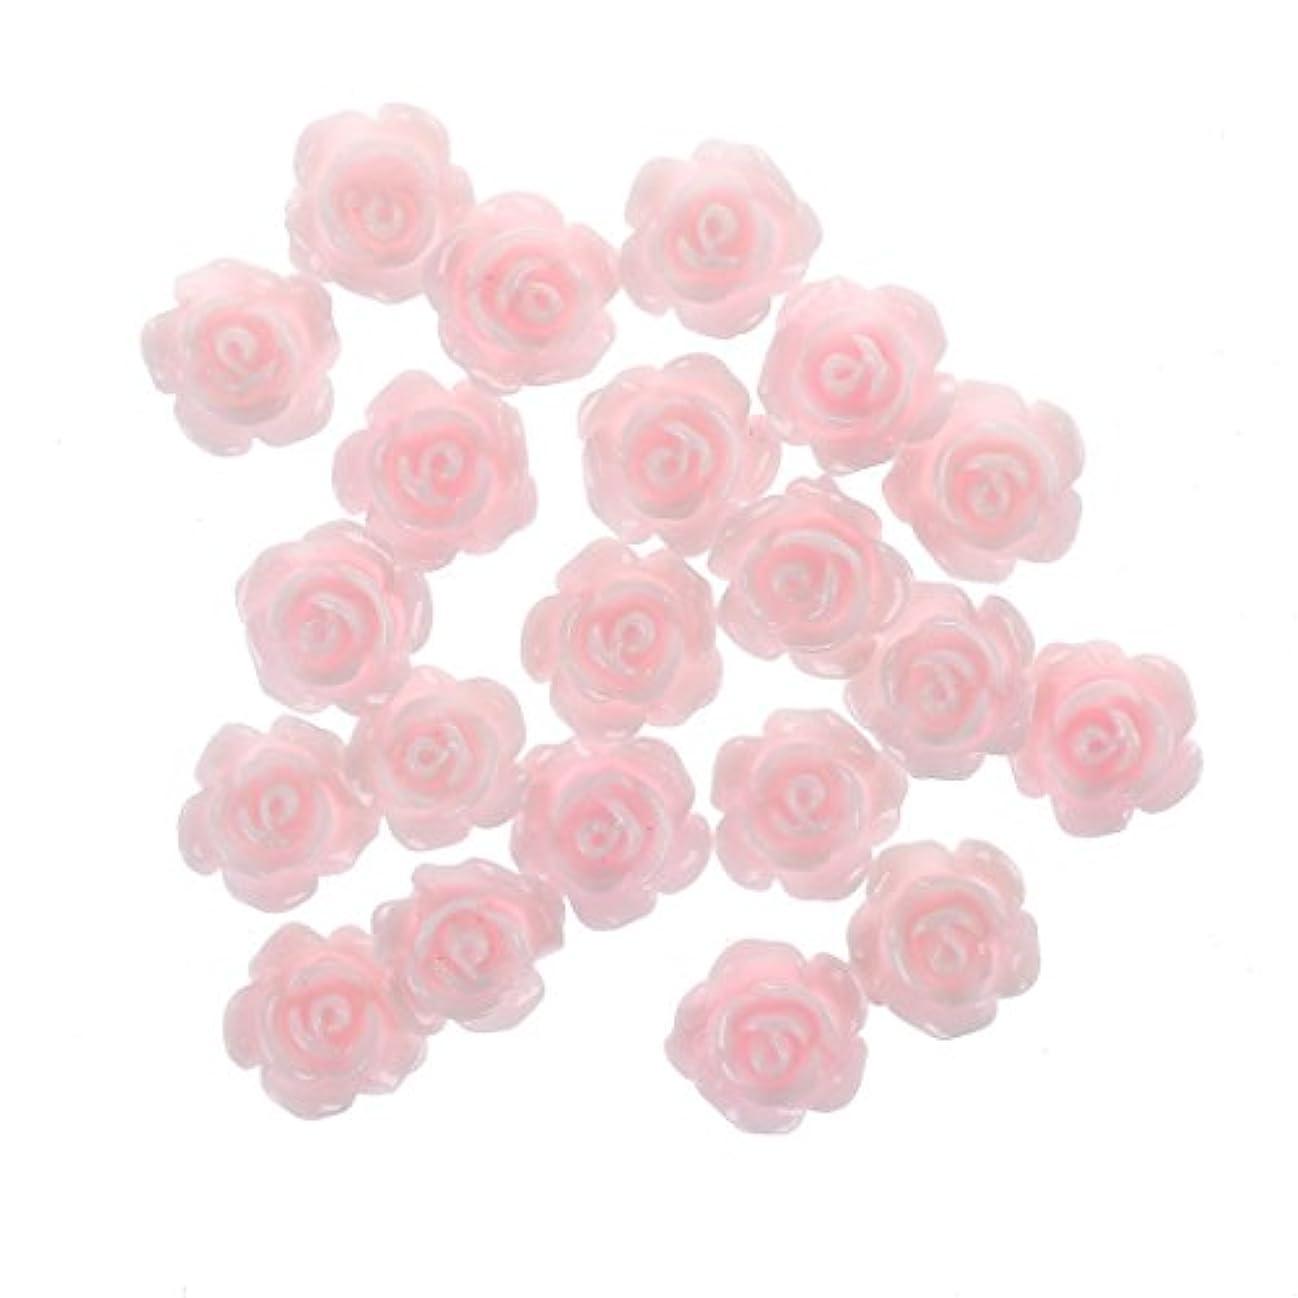 衣服商業の決定ネイルアート,SODIAL(R)20x3Dピンクの小さいバラ ラインストーン付きネイルアート装飾